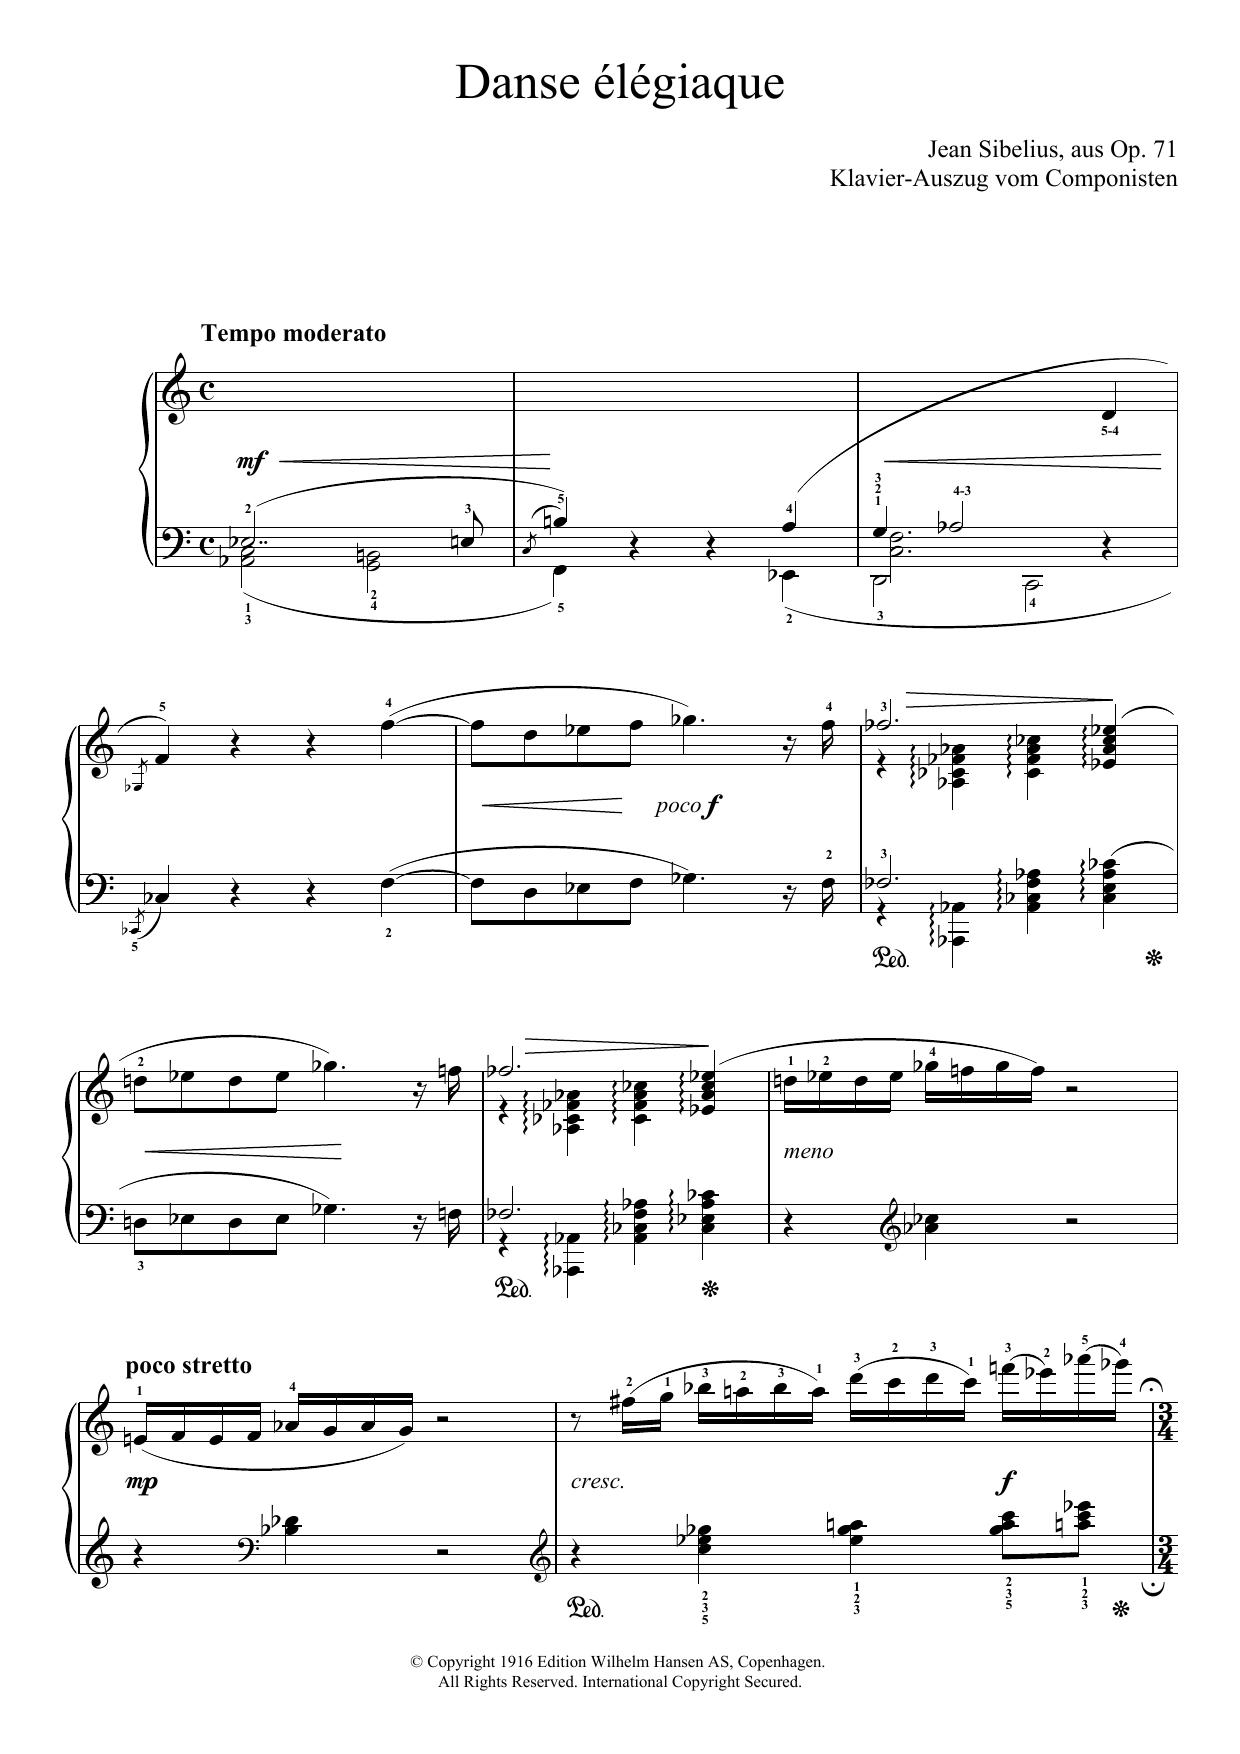 Jean Sibelius - Danse Elegiaque (From Scaramouche, Op.71)